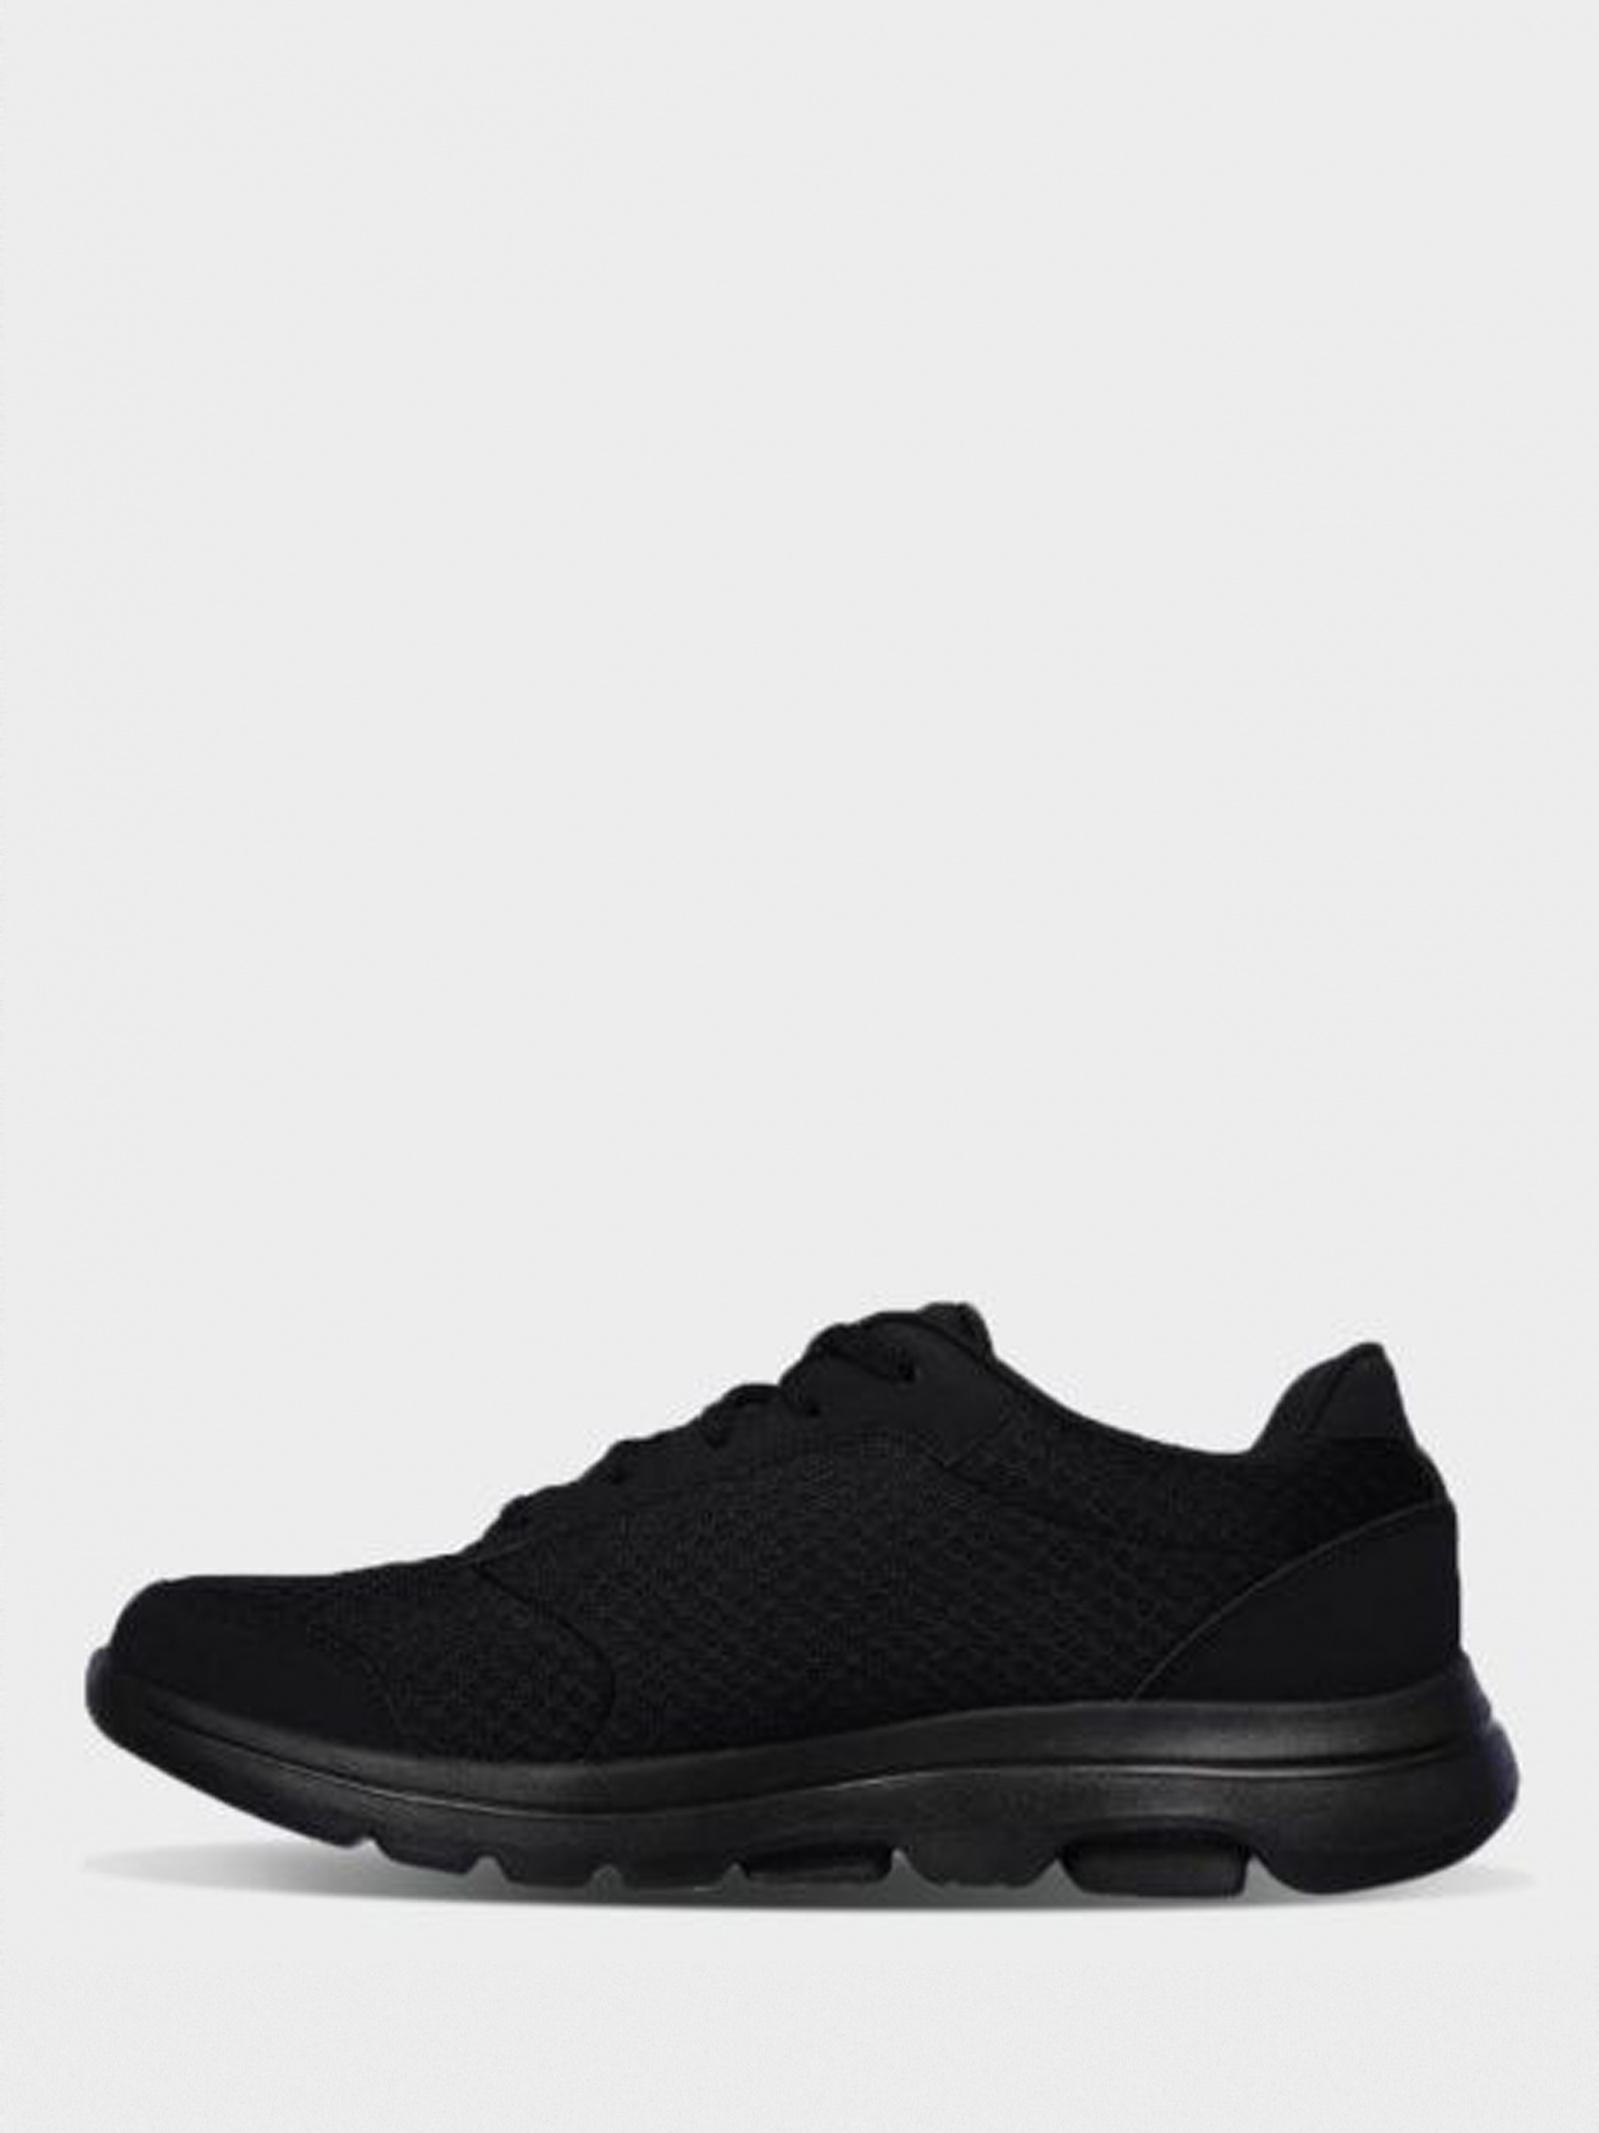 Кросівки  для чоловіків Skechers 55509 BBK 55509 BBK купити в Iнтертоп, 2017